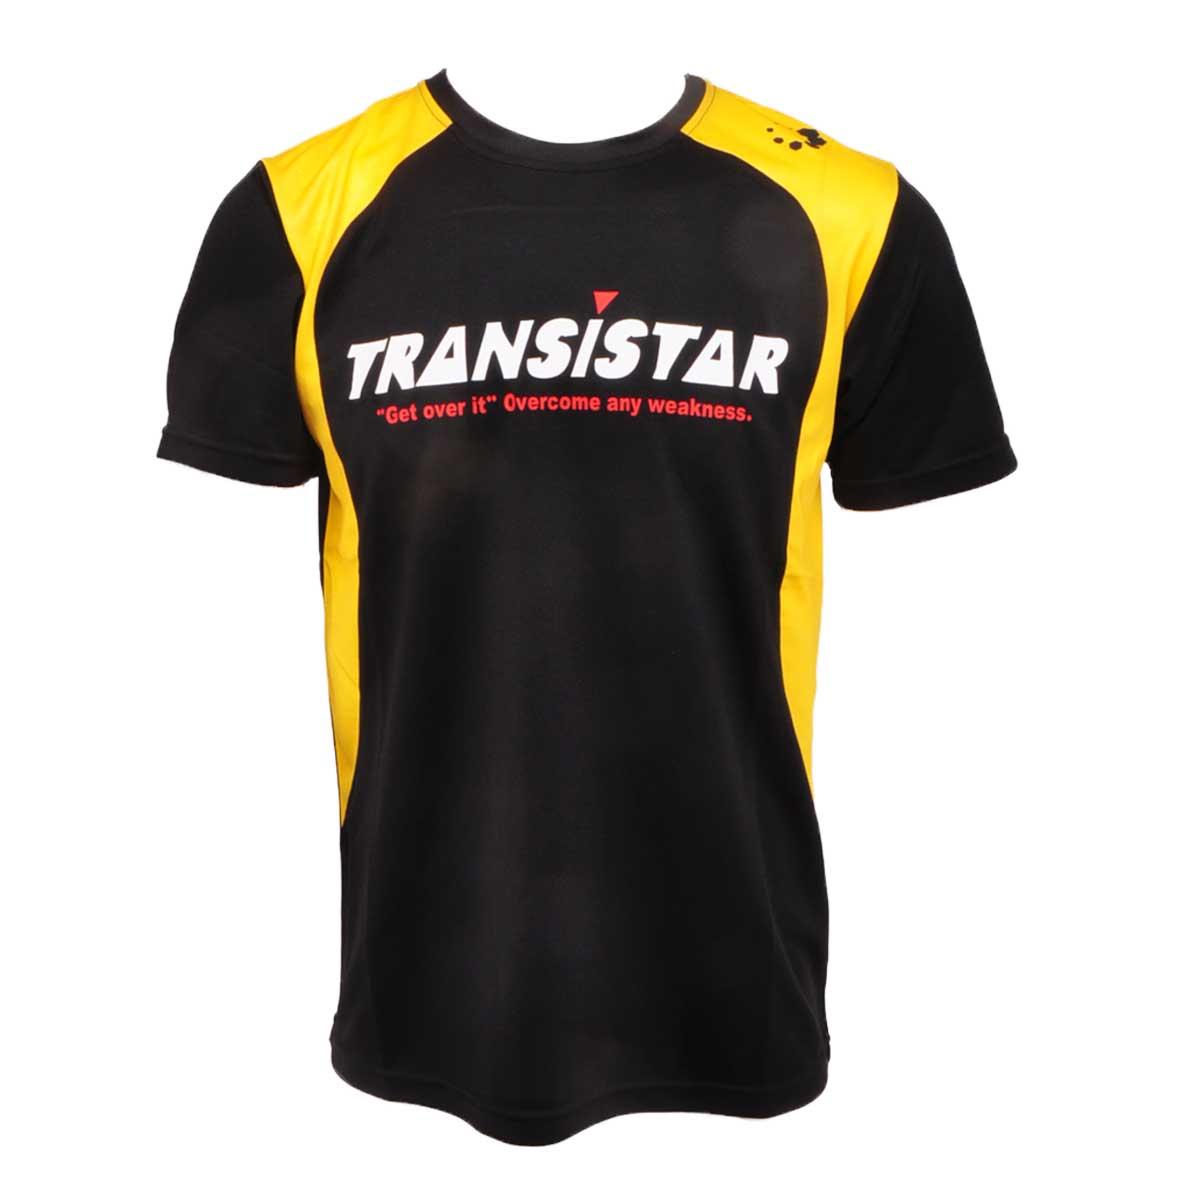 メール便OK TRANSISTAR トランジスタ HB21ST07 HB S 安心の実績 高価 買取 強化中 ゲームシャツ 半袖Tシャツ ハンドボールシャツ 激安